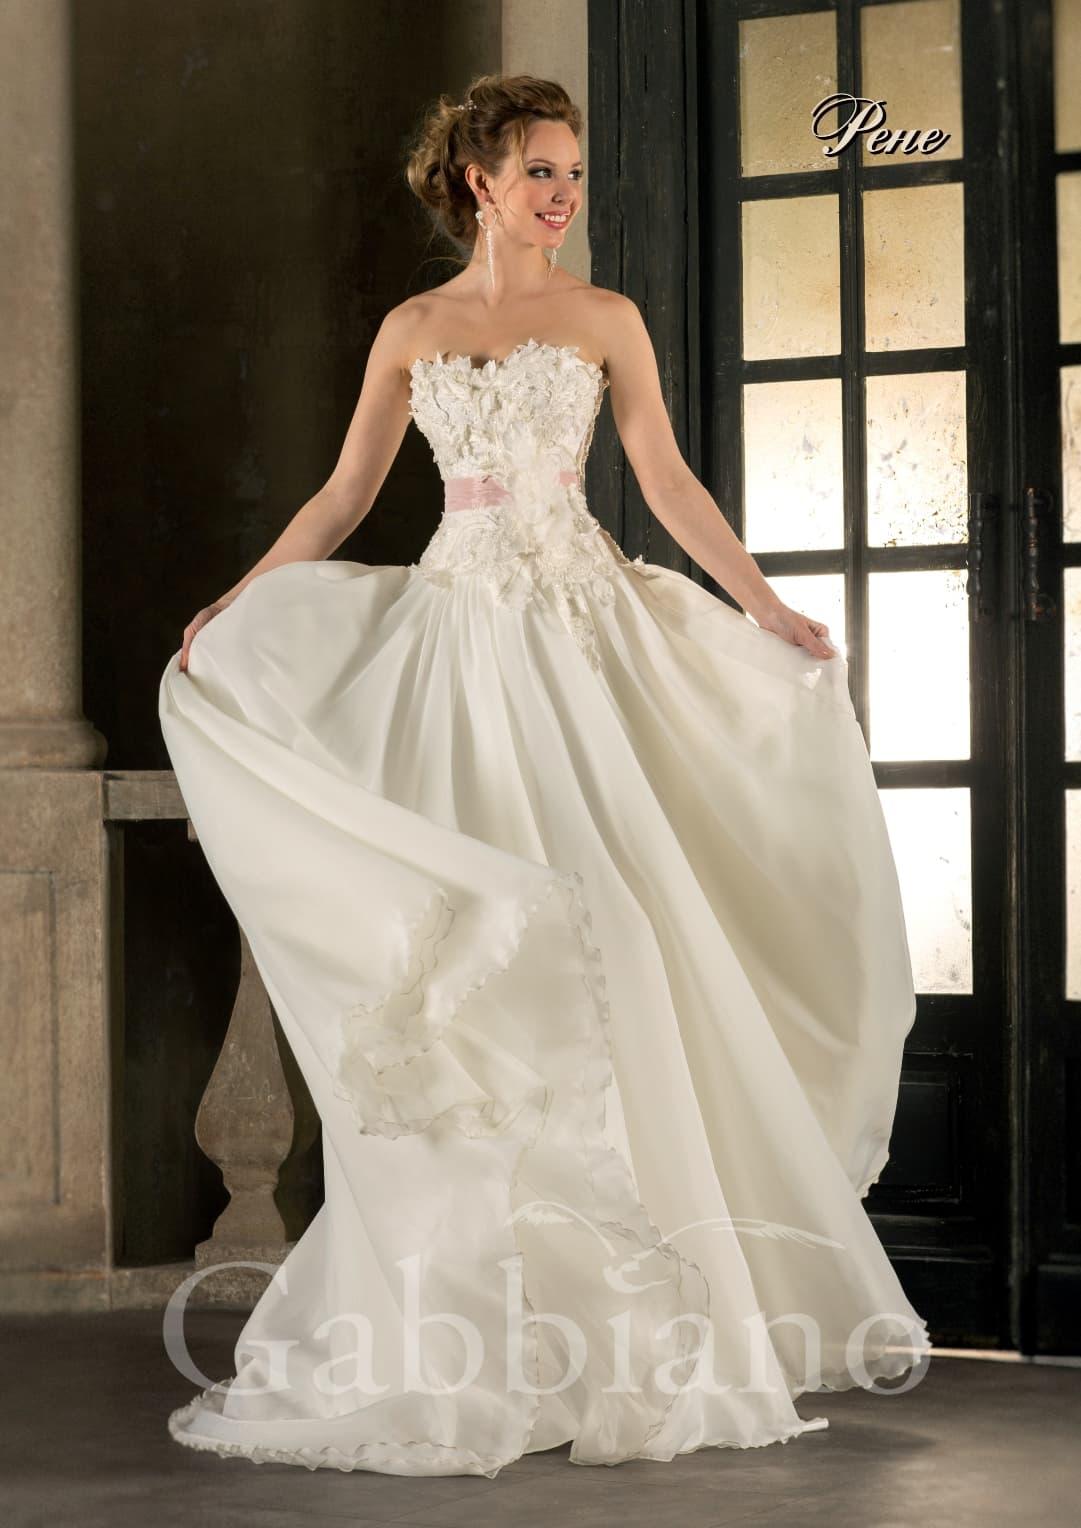 Открытое свадебное платье силуэта «принцесса» с розовым поясом и объемной отделкой лифа.